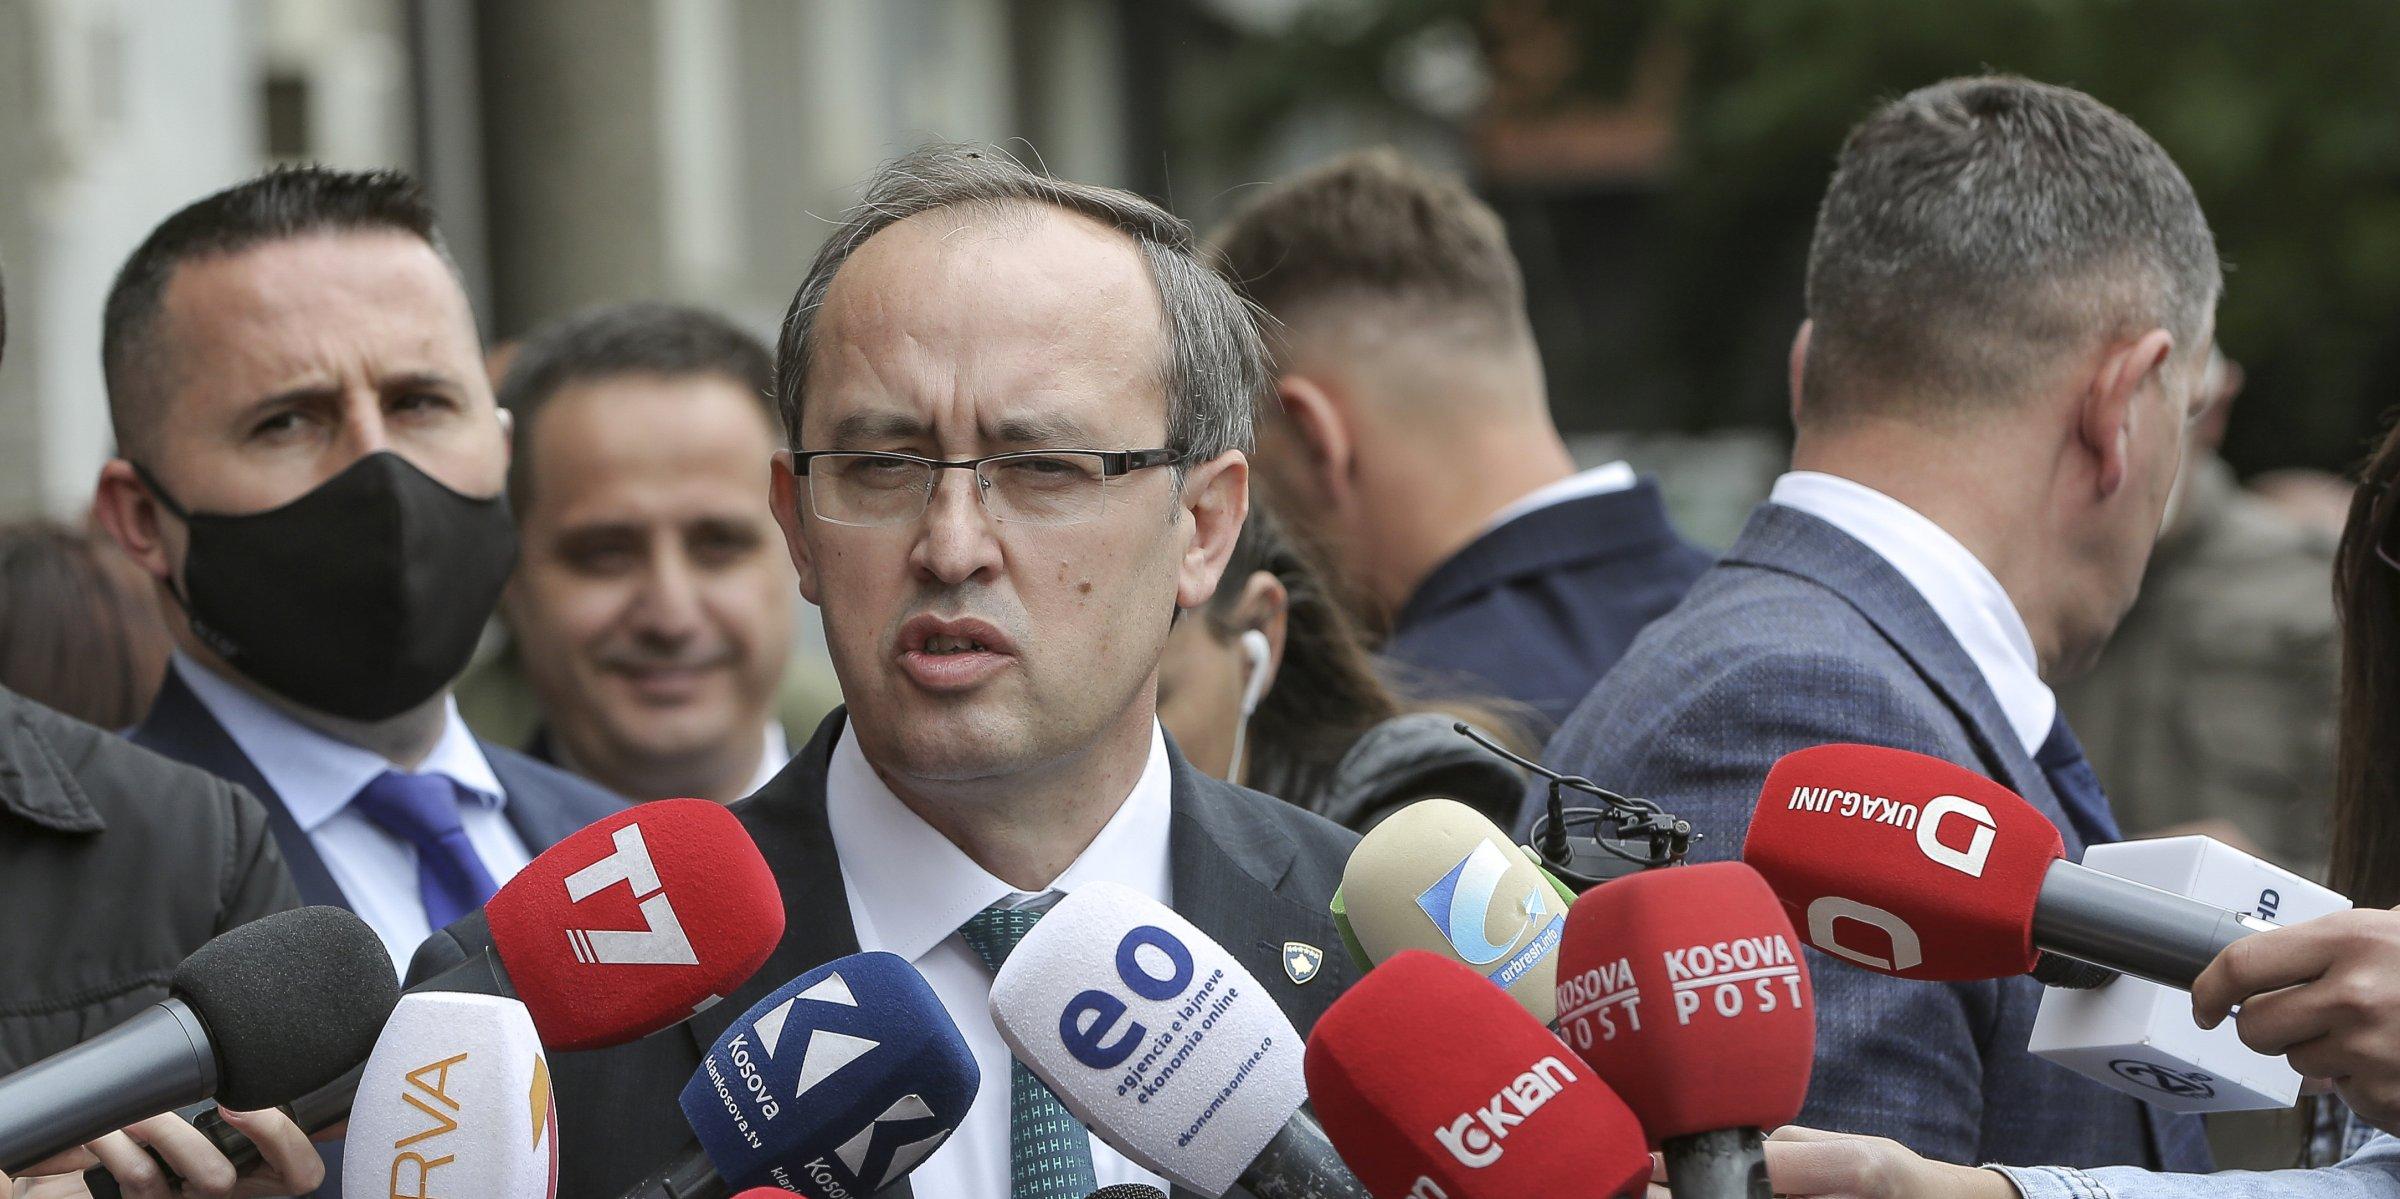 Κοσσυφοπέδιο: Πρόεδρος και Πρωθυπουργός πρέπει να πορευτούν μαζί στο διάλογο με τη Σερβία, είπε ο Hoti